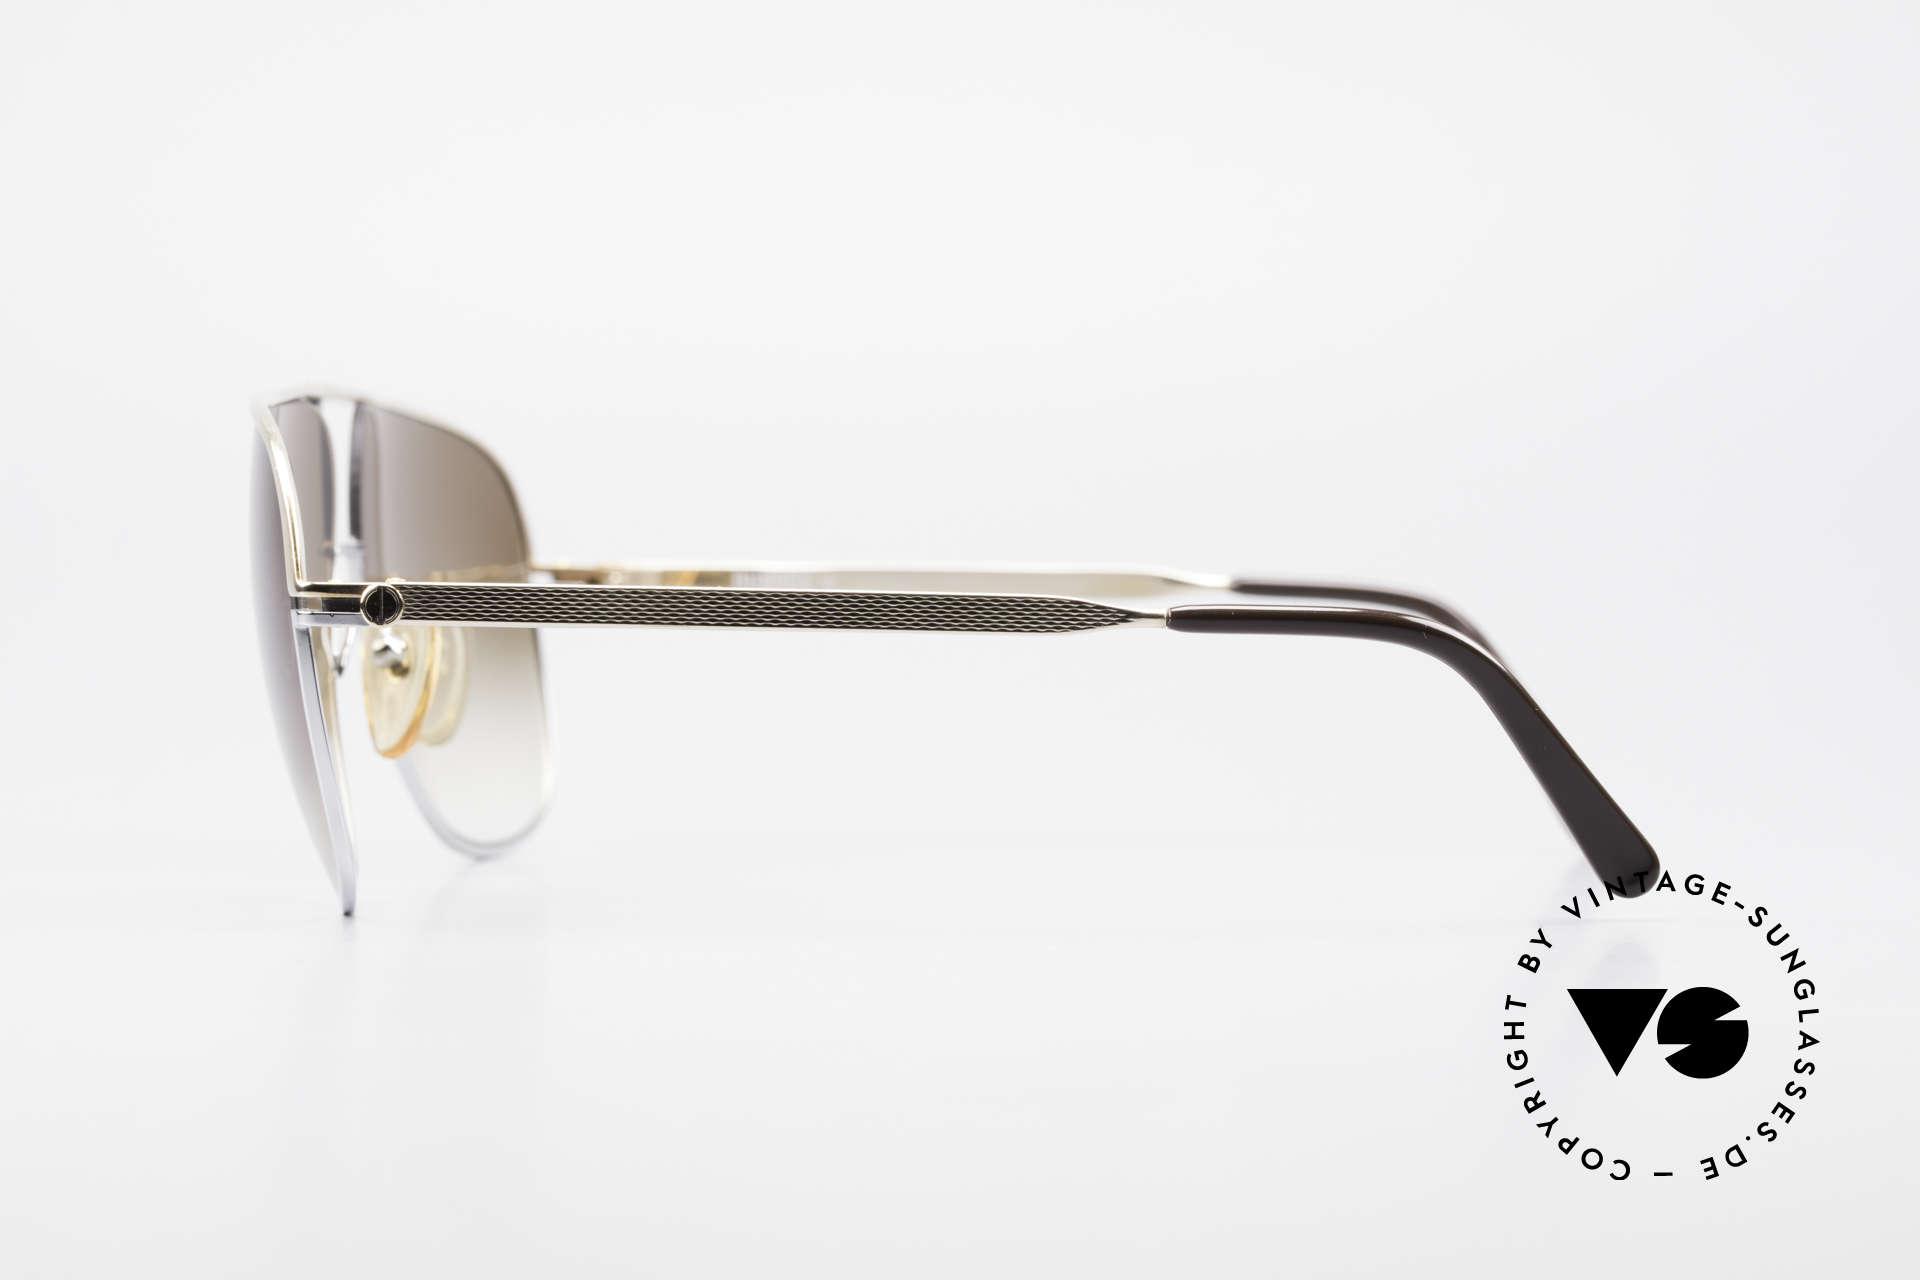 Dunhill 6019 80er Gentleman Luxus Brille, unglaublich komfortabel & solide; muss man fühlen!, Passend für Herren